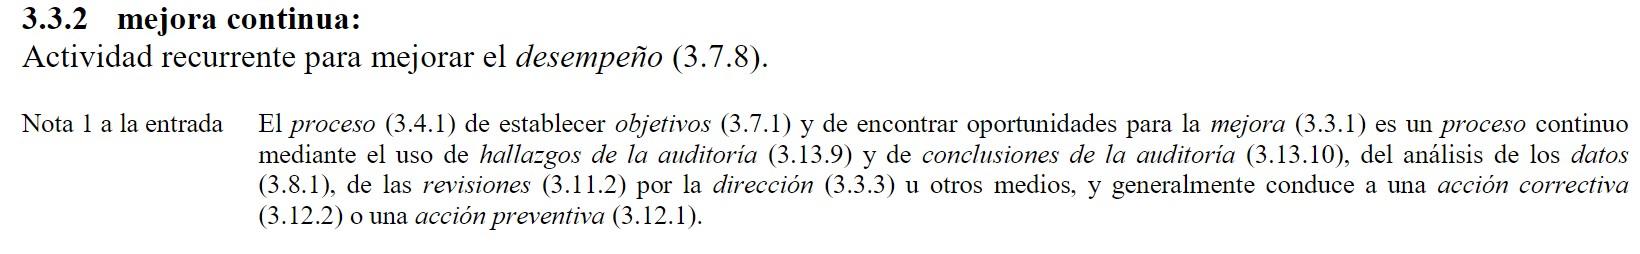 extracto de la definicion de mejora continua segun la norma iso 9000 vocabulario y definiciones